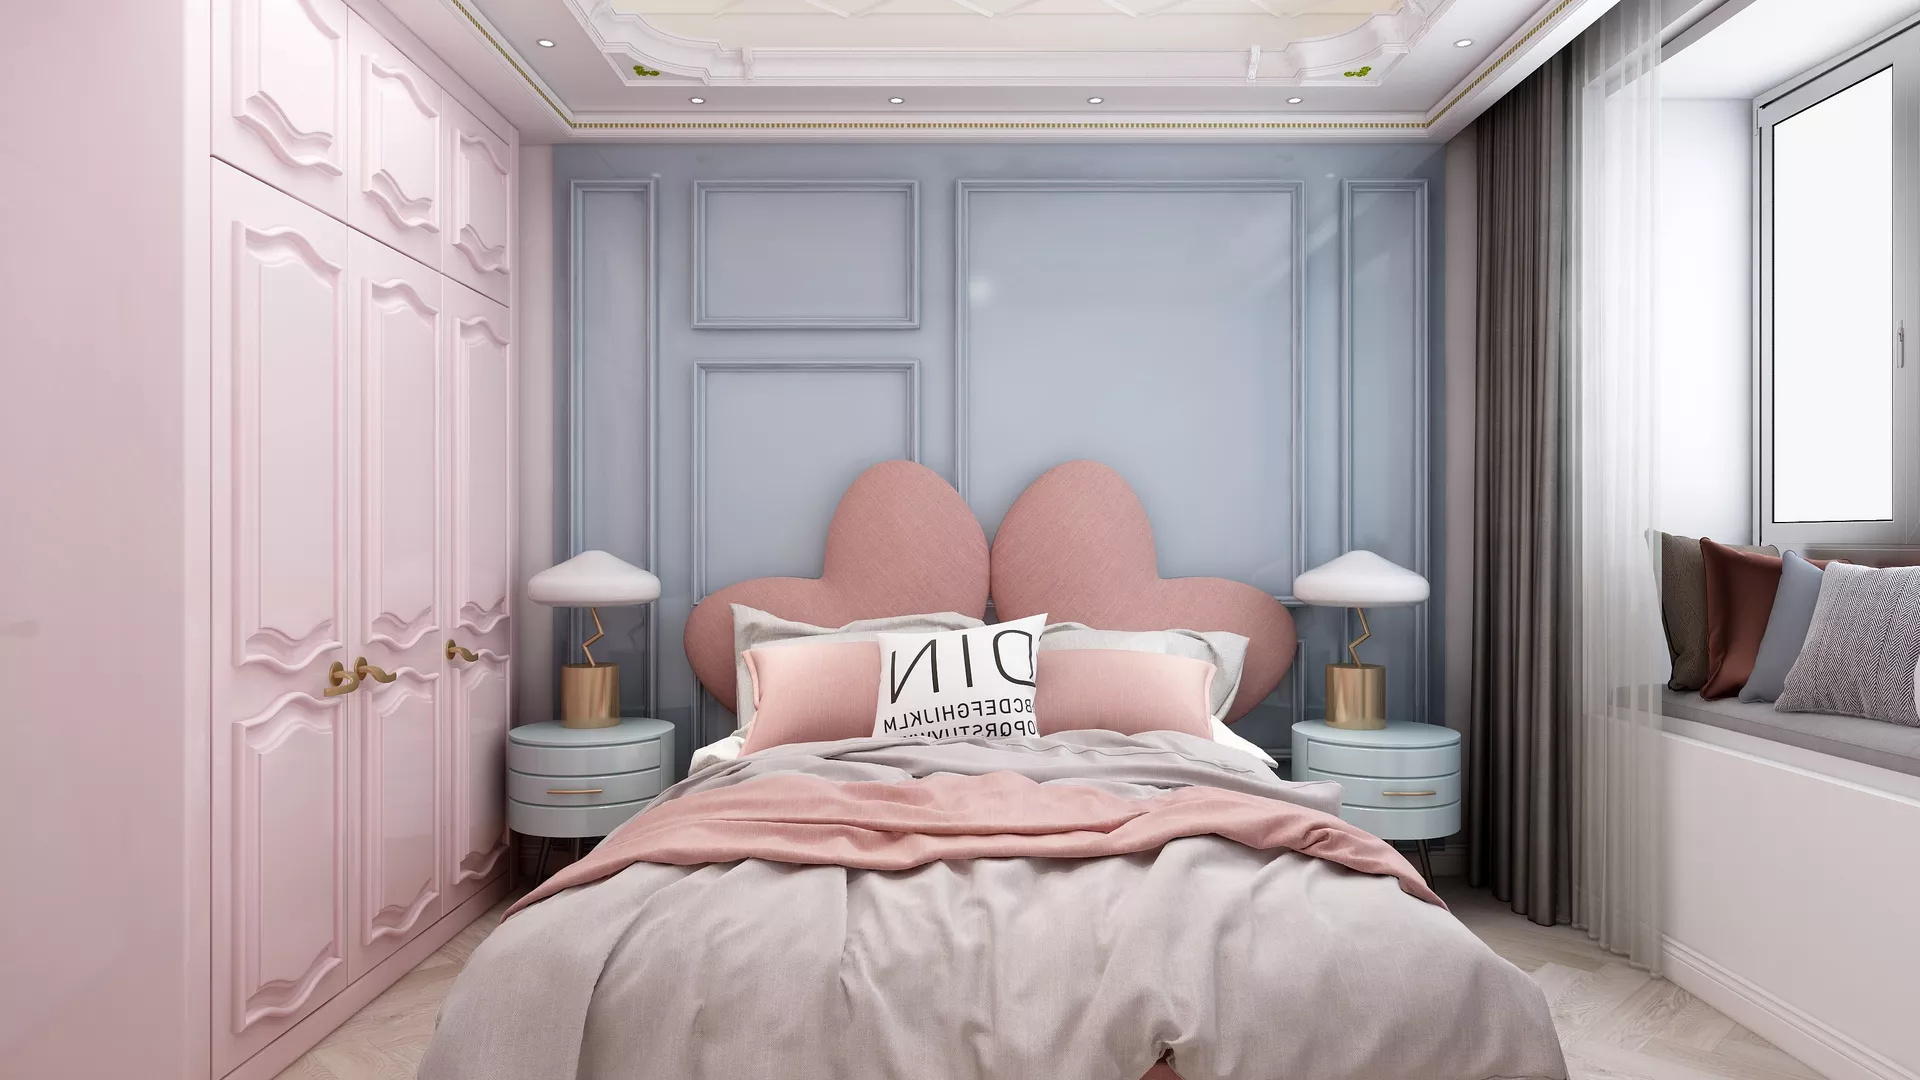 舒适简洁温馨风格卧室装修效果图